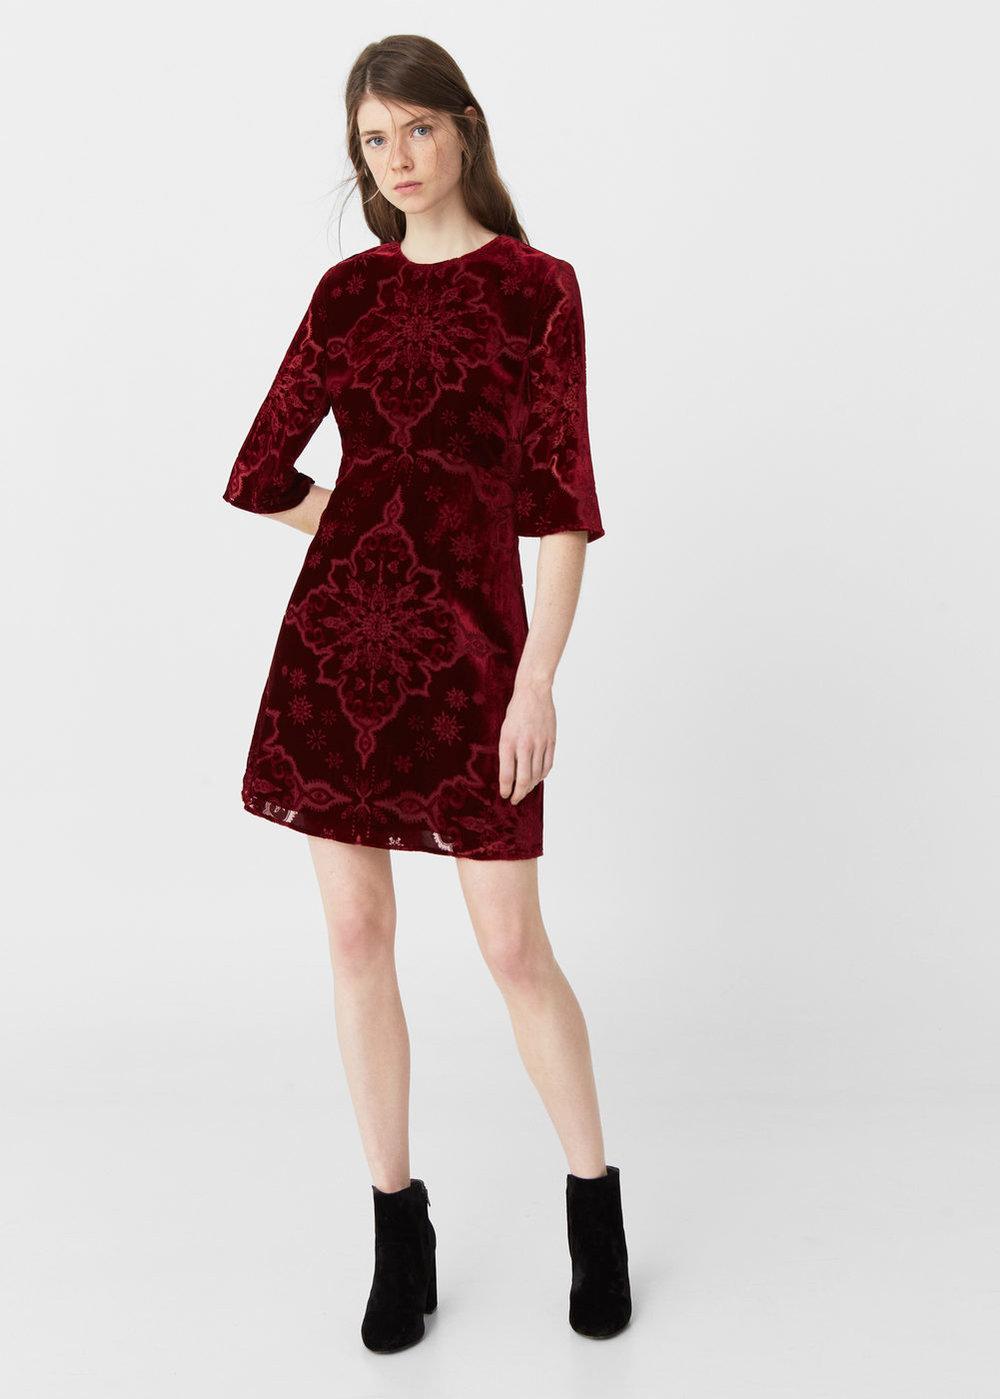 Patterned velvet dress, £69.99, Mango